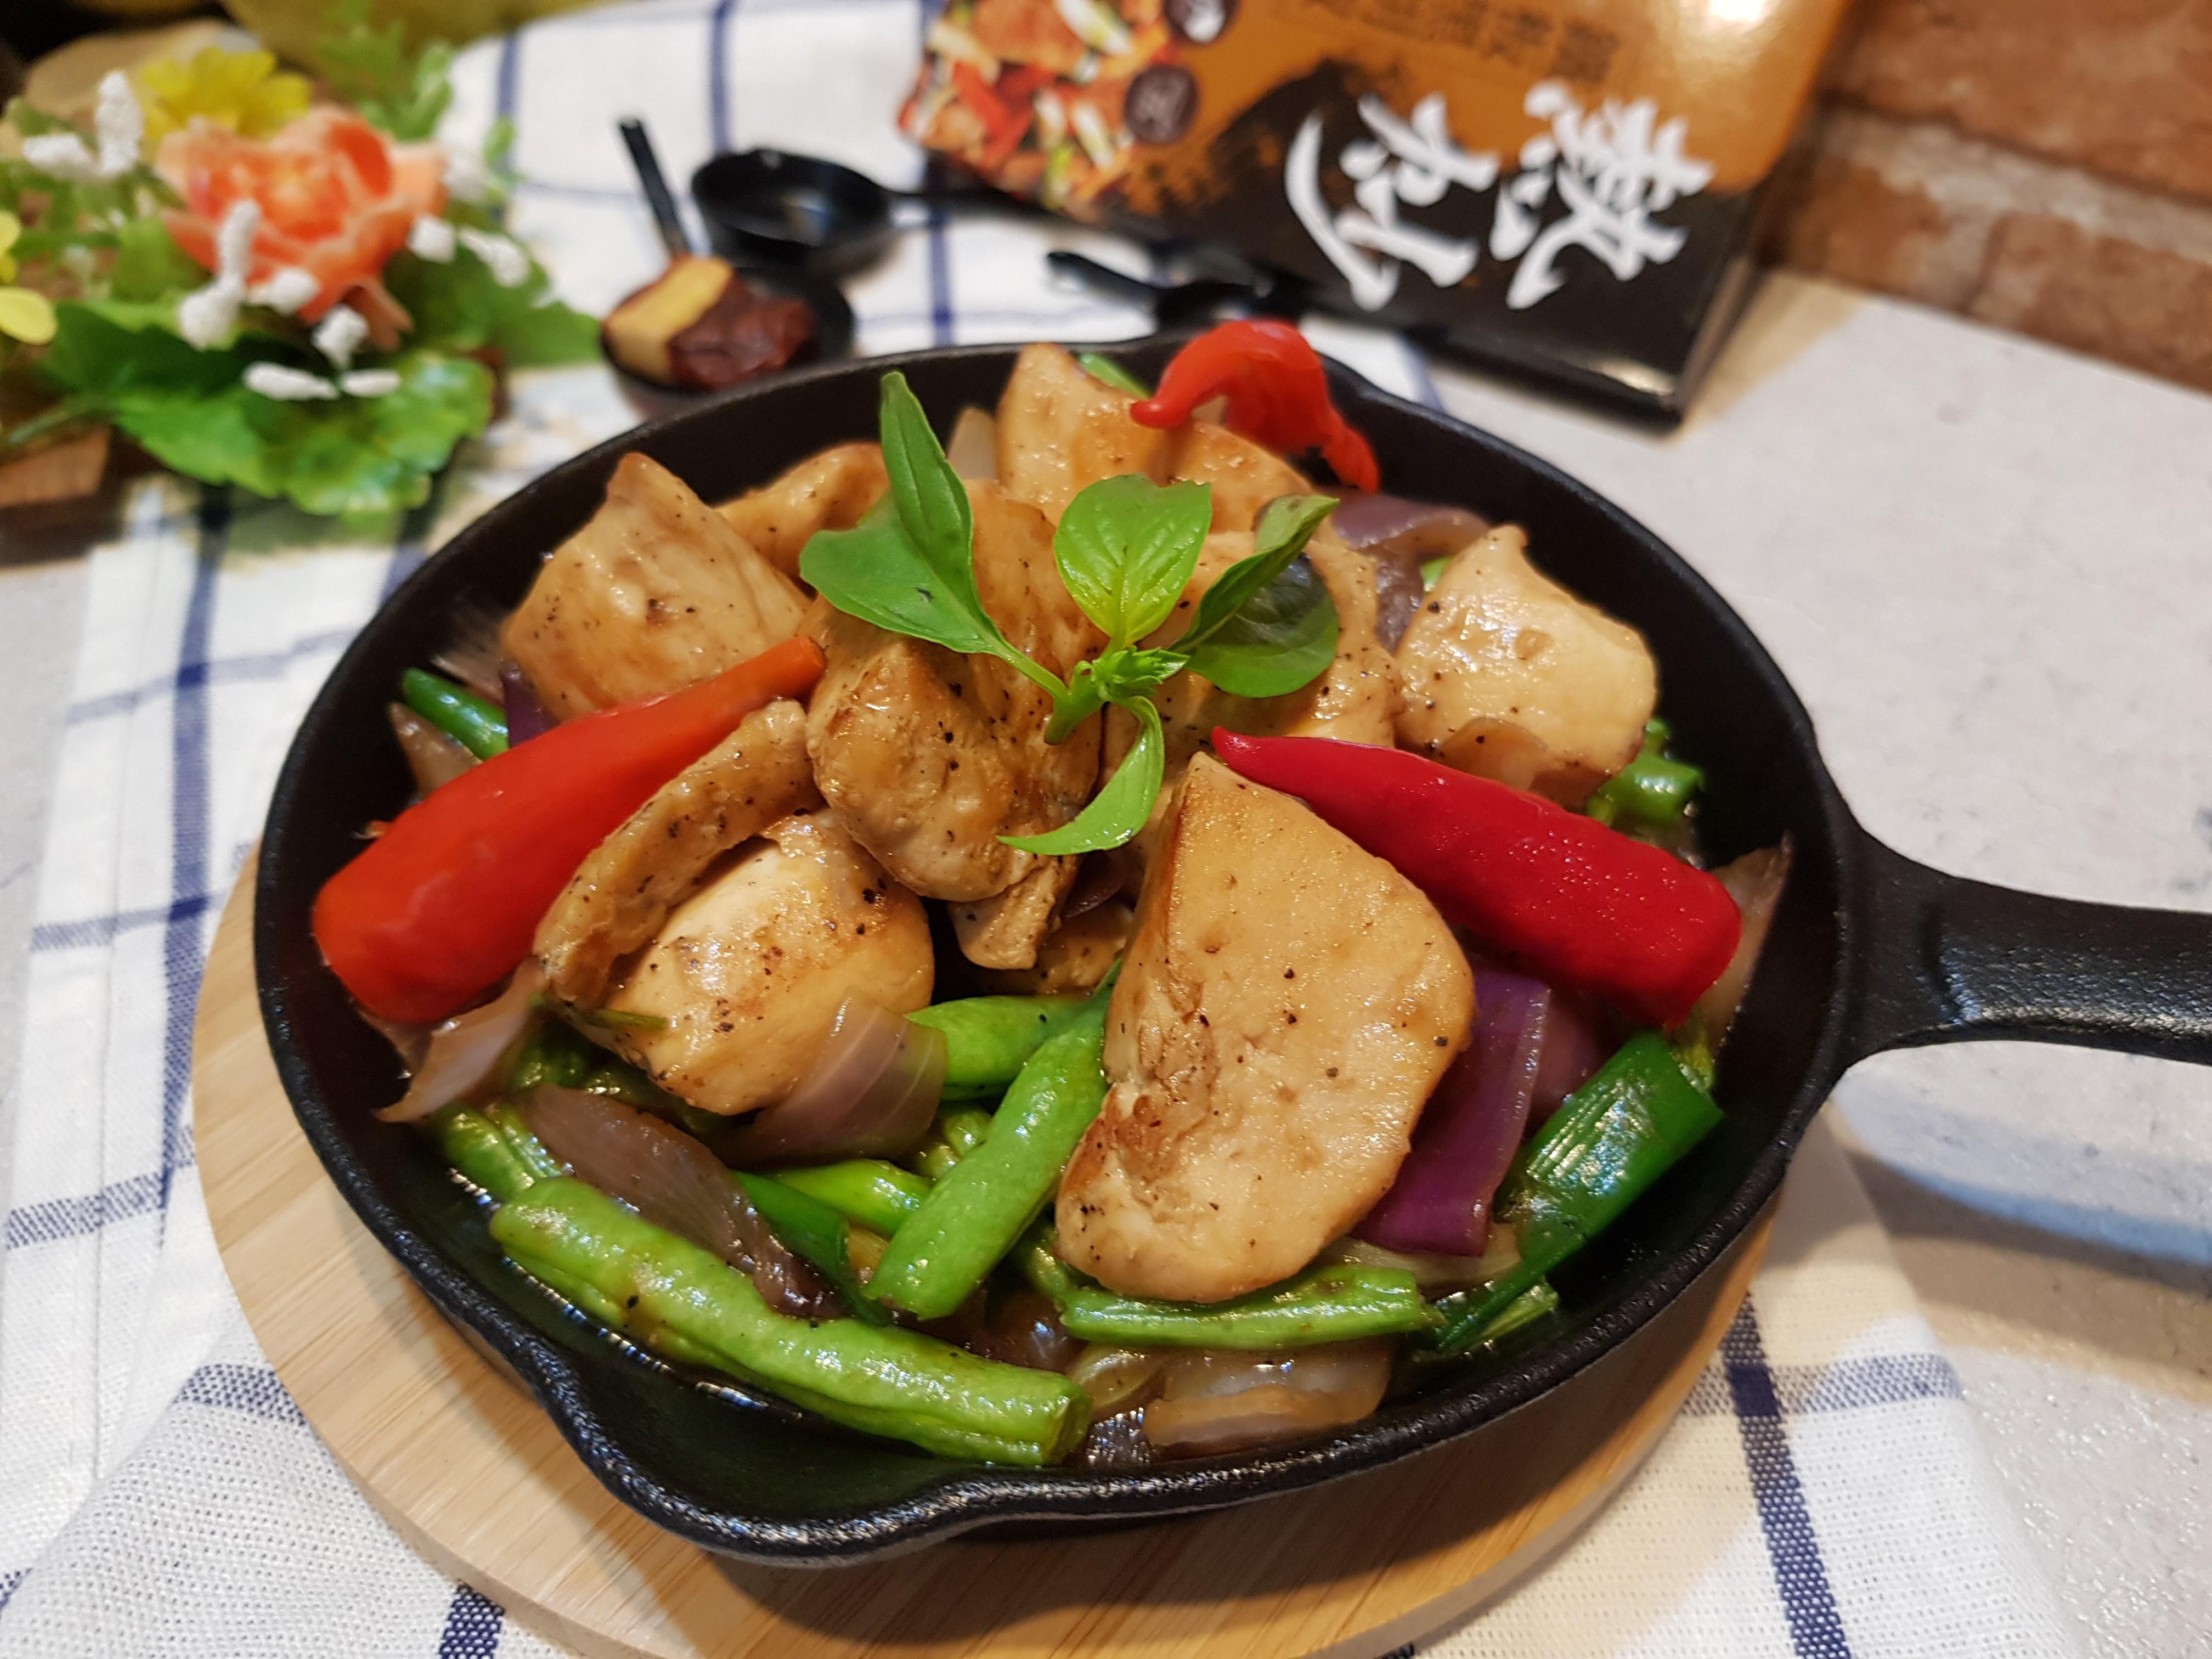 鐵板黑胡椒洋蔥四季豆炒雞肉 by 陳太太的菜菜味 - 愛料理